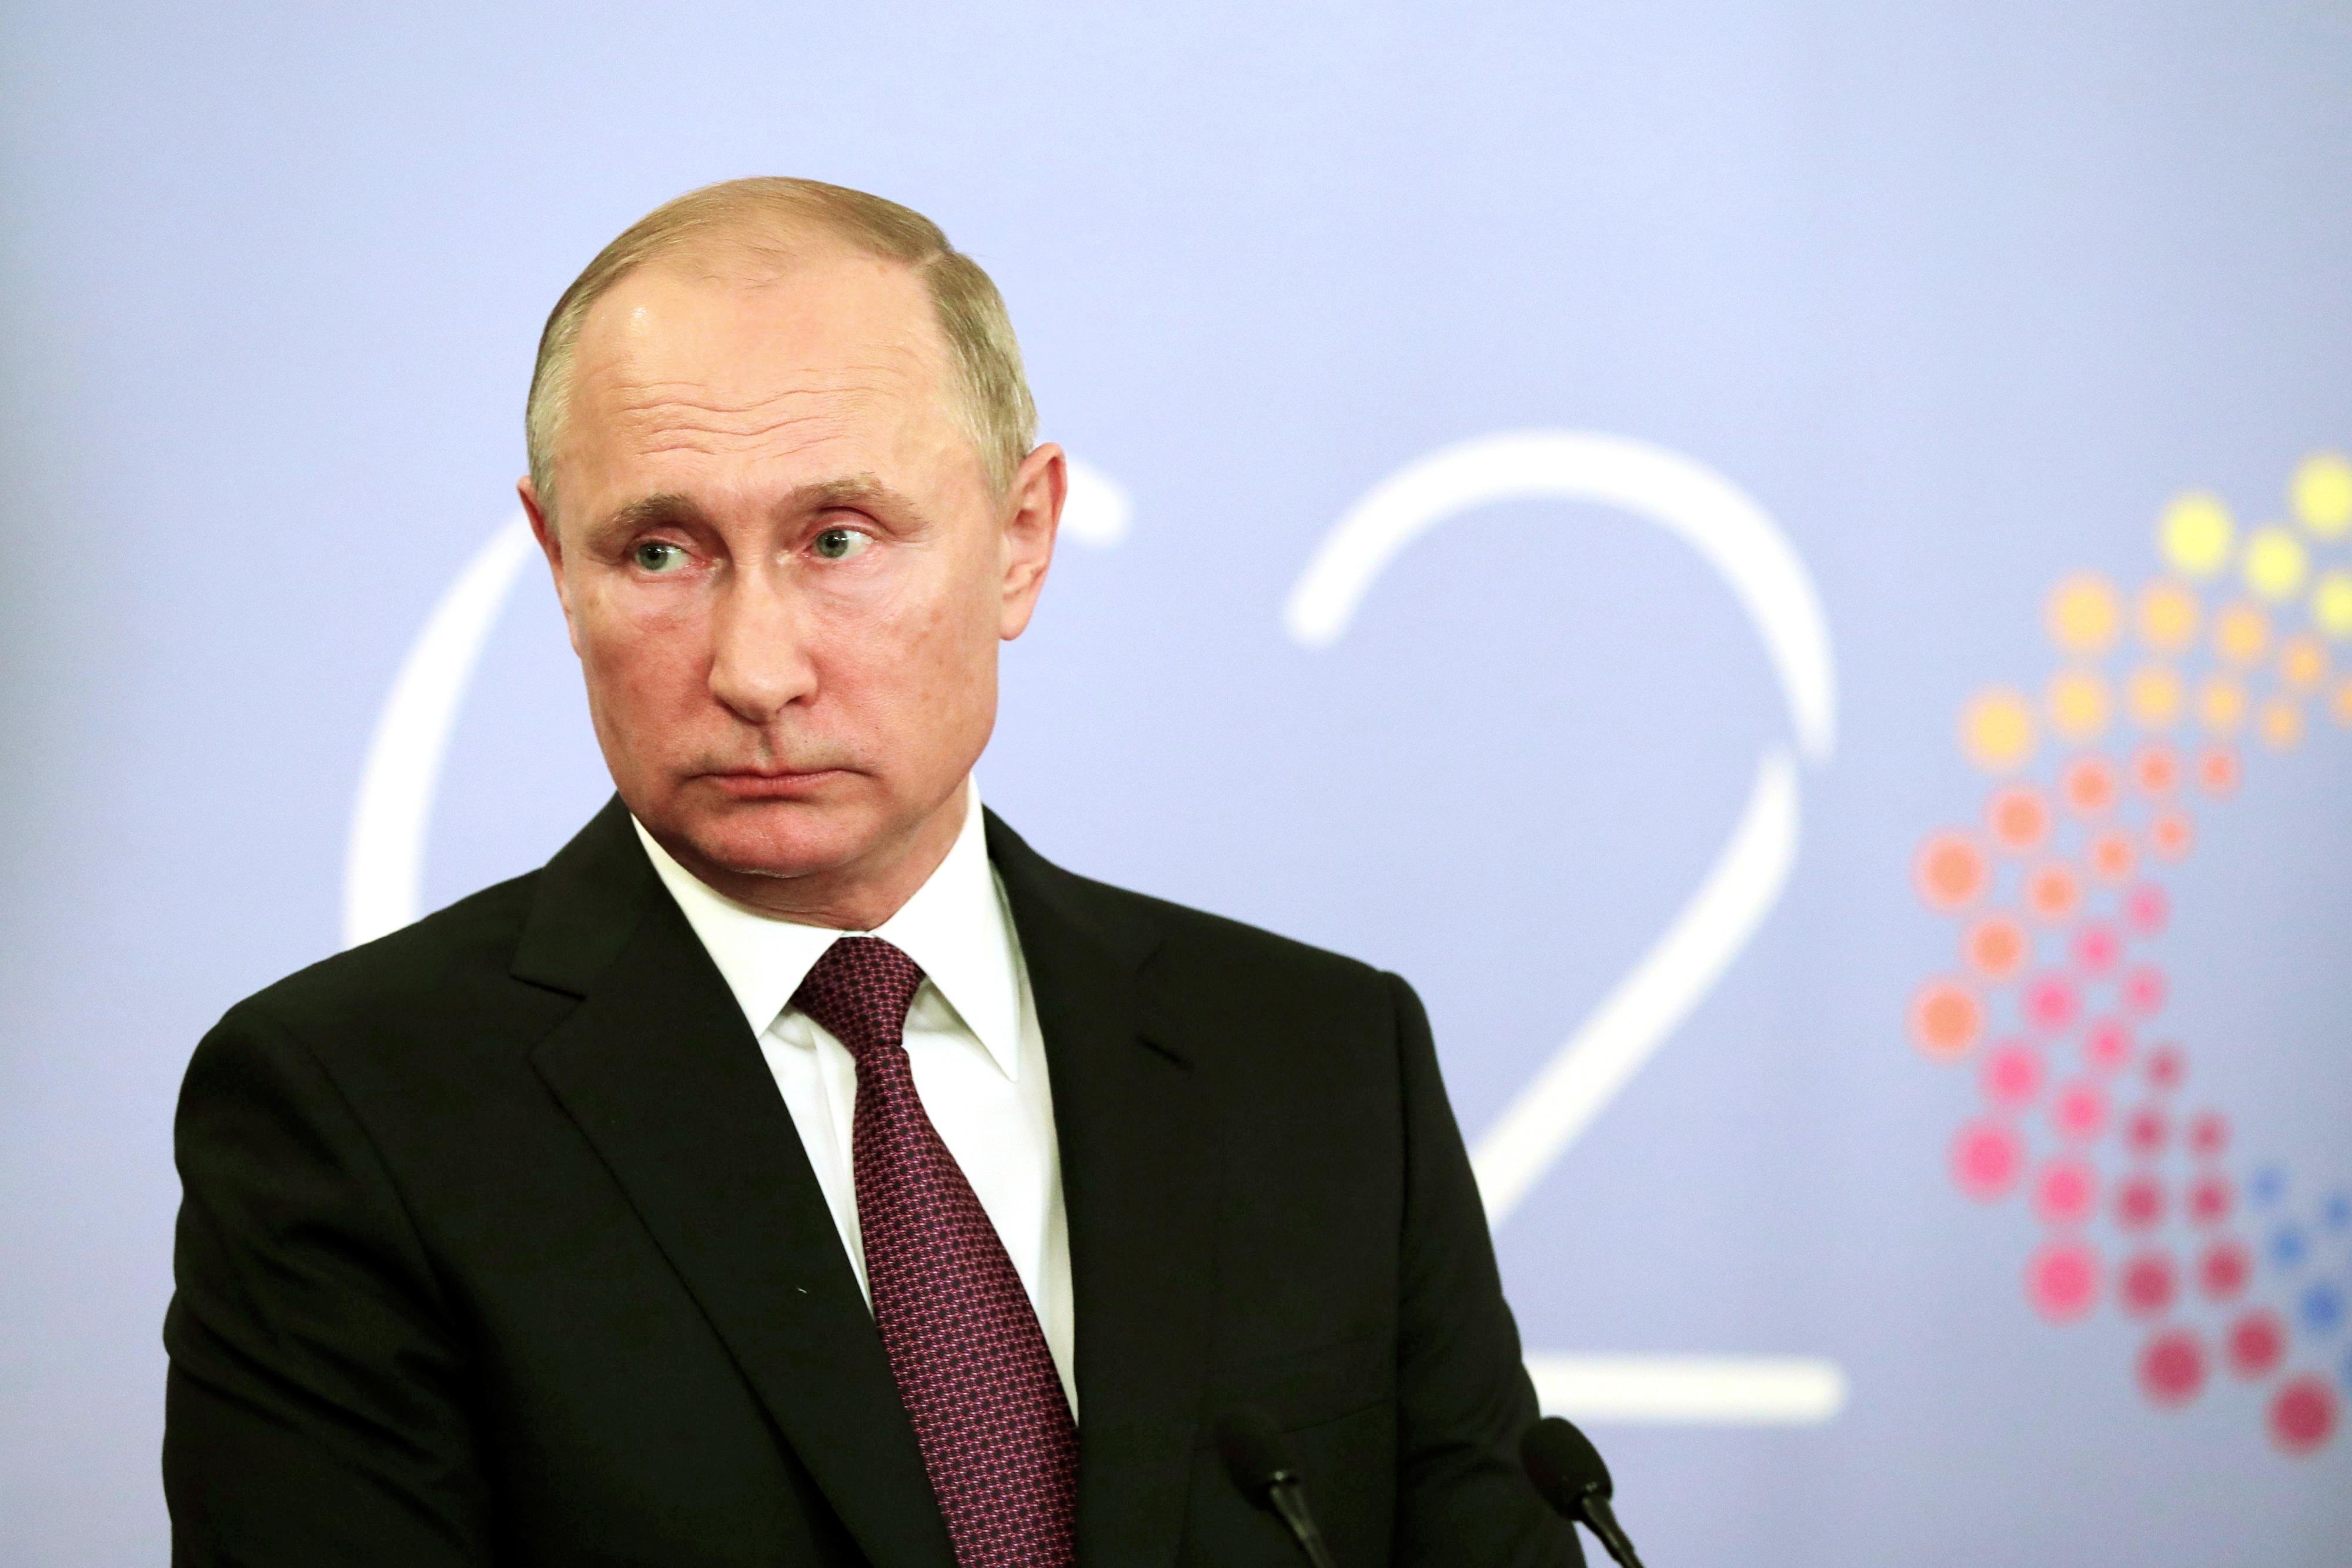 Rússia oferece cidadania rápida aos ucranianos nas regiões separatistas